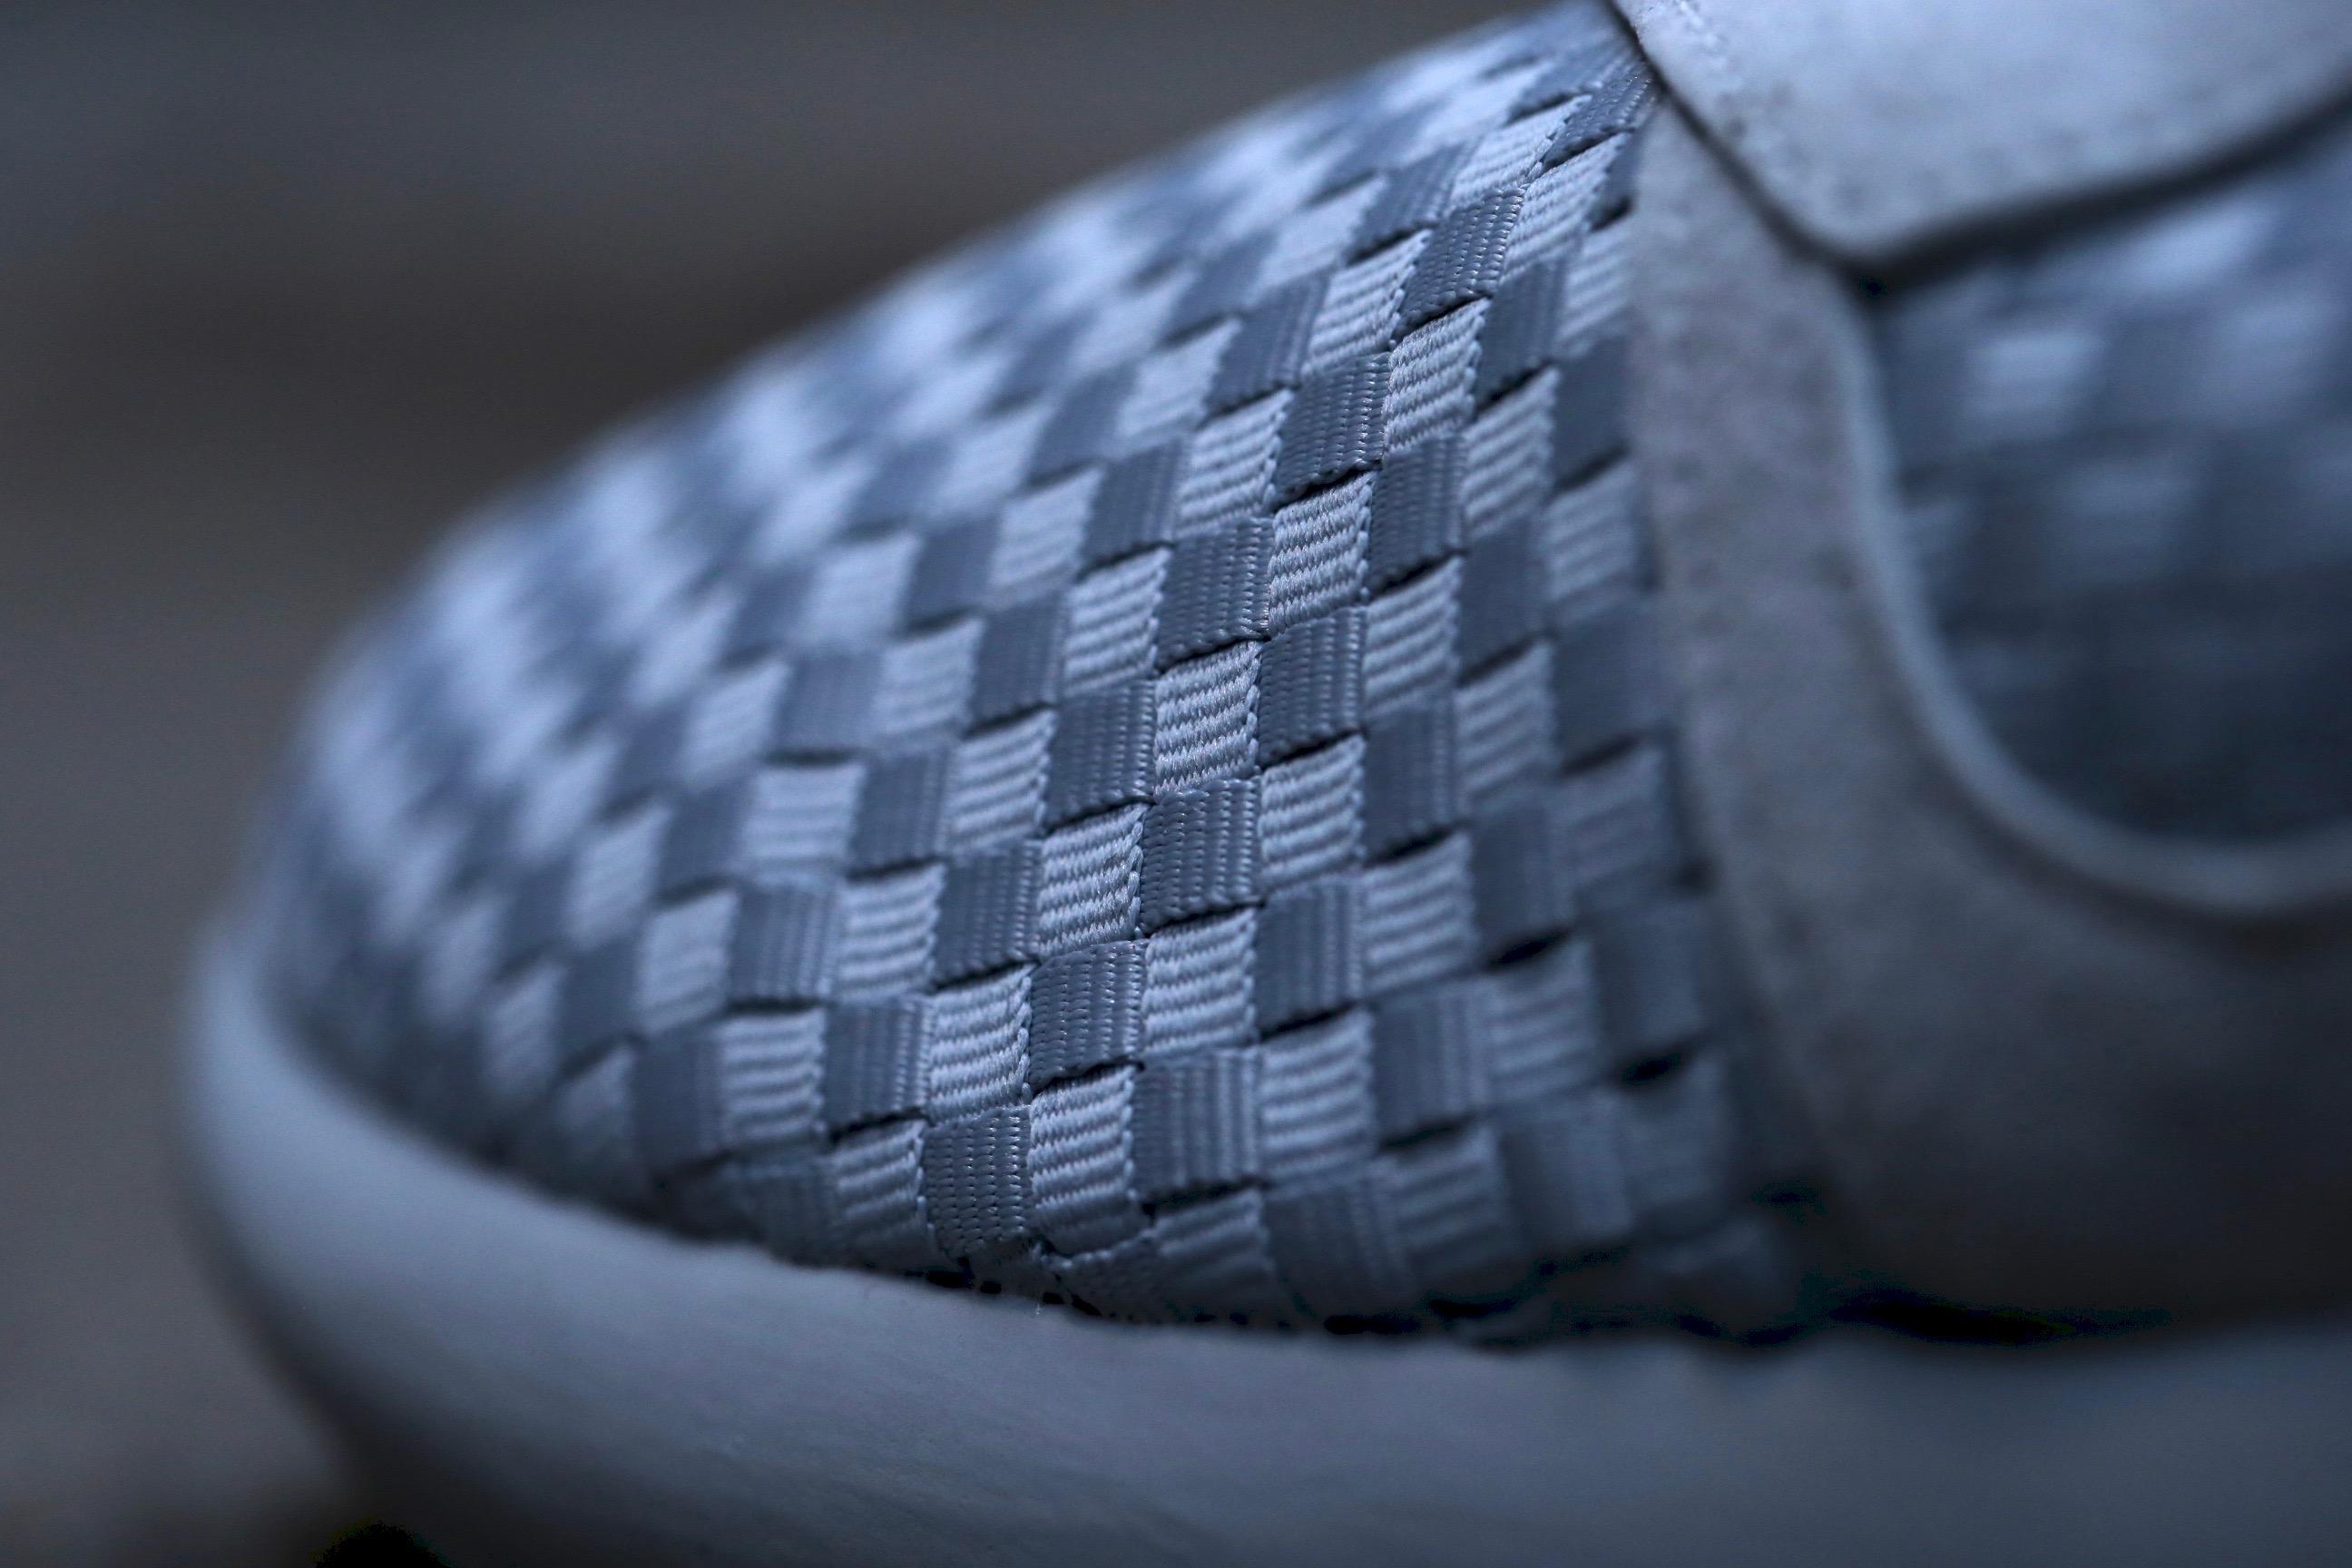 Adidas Rørformet Runner Grå Sko BoOSXX4FNr